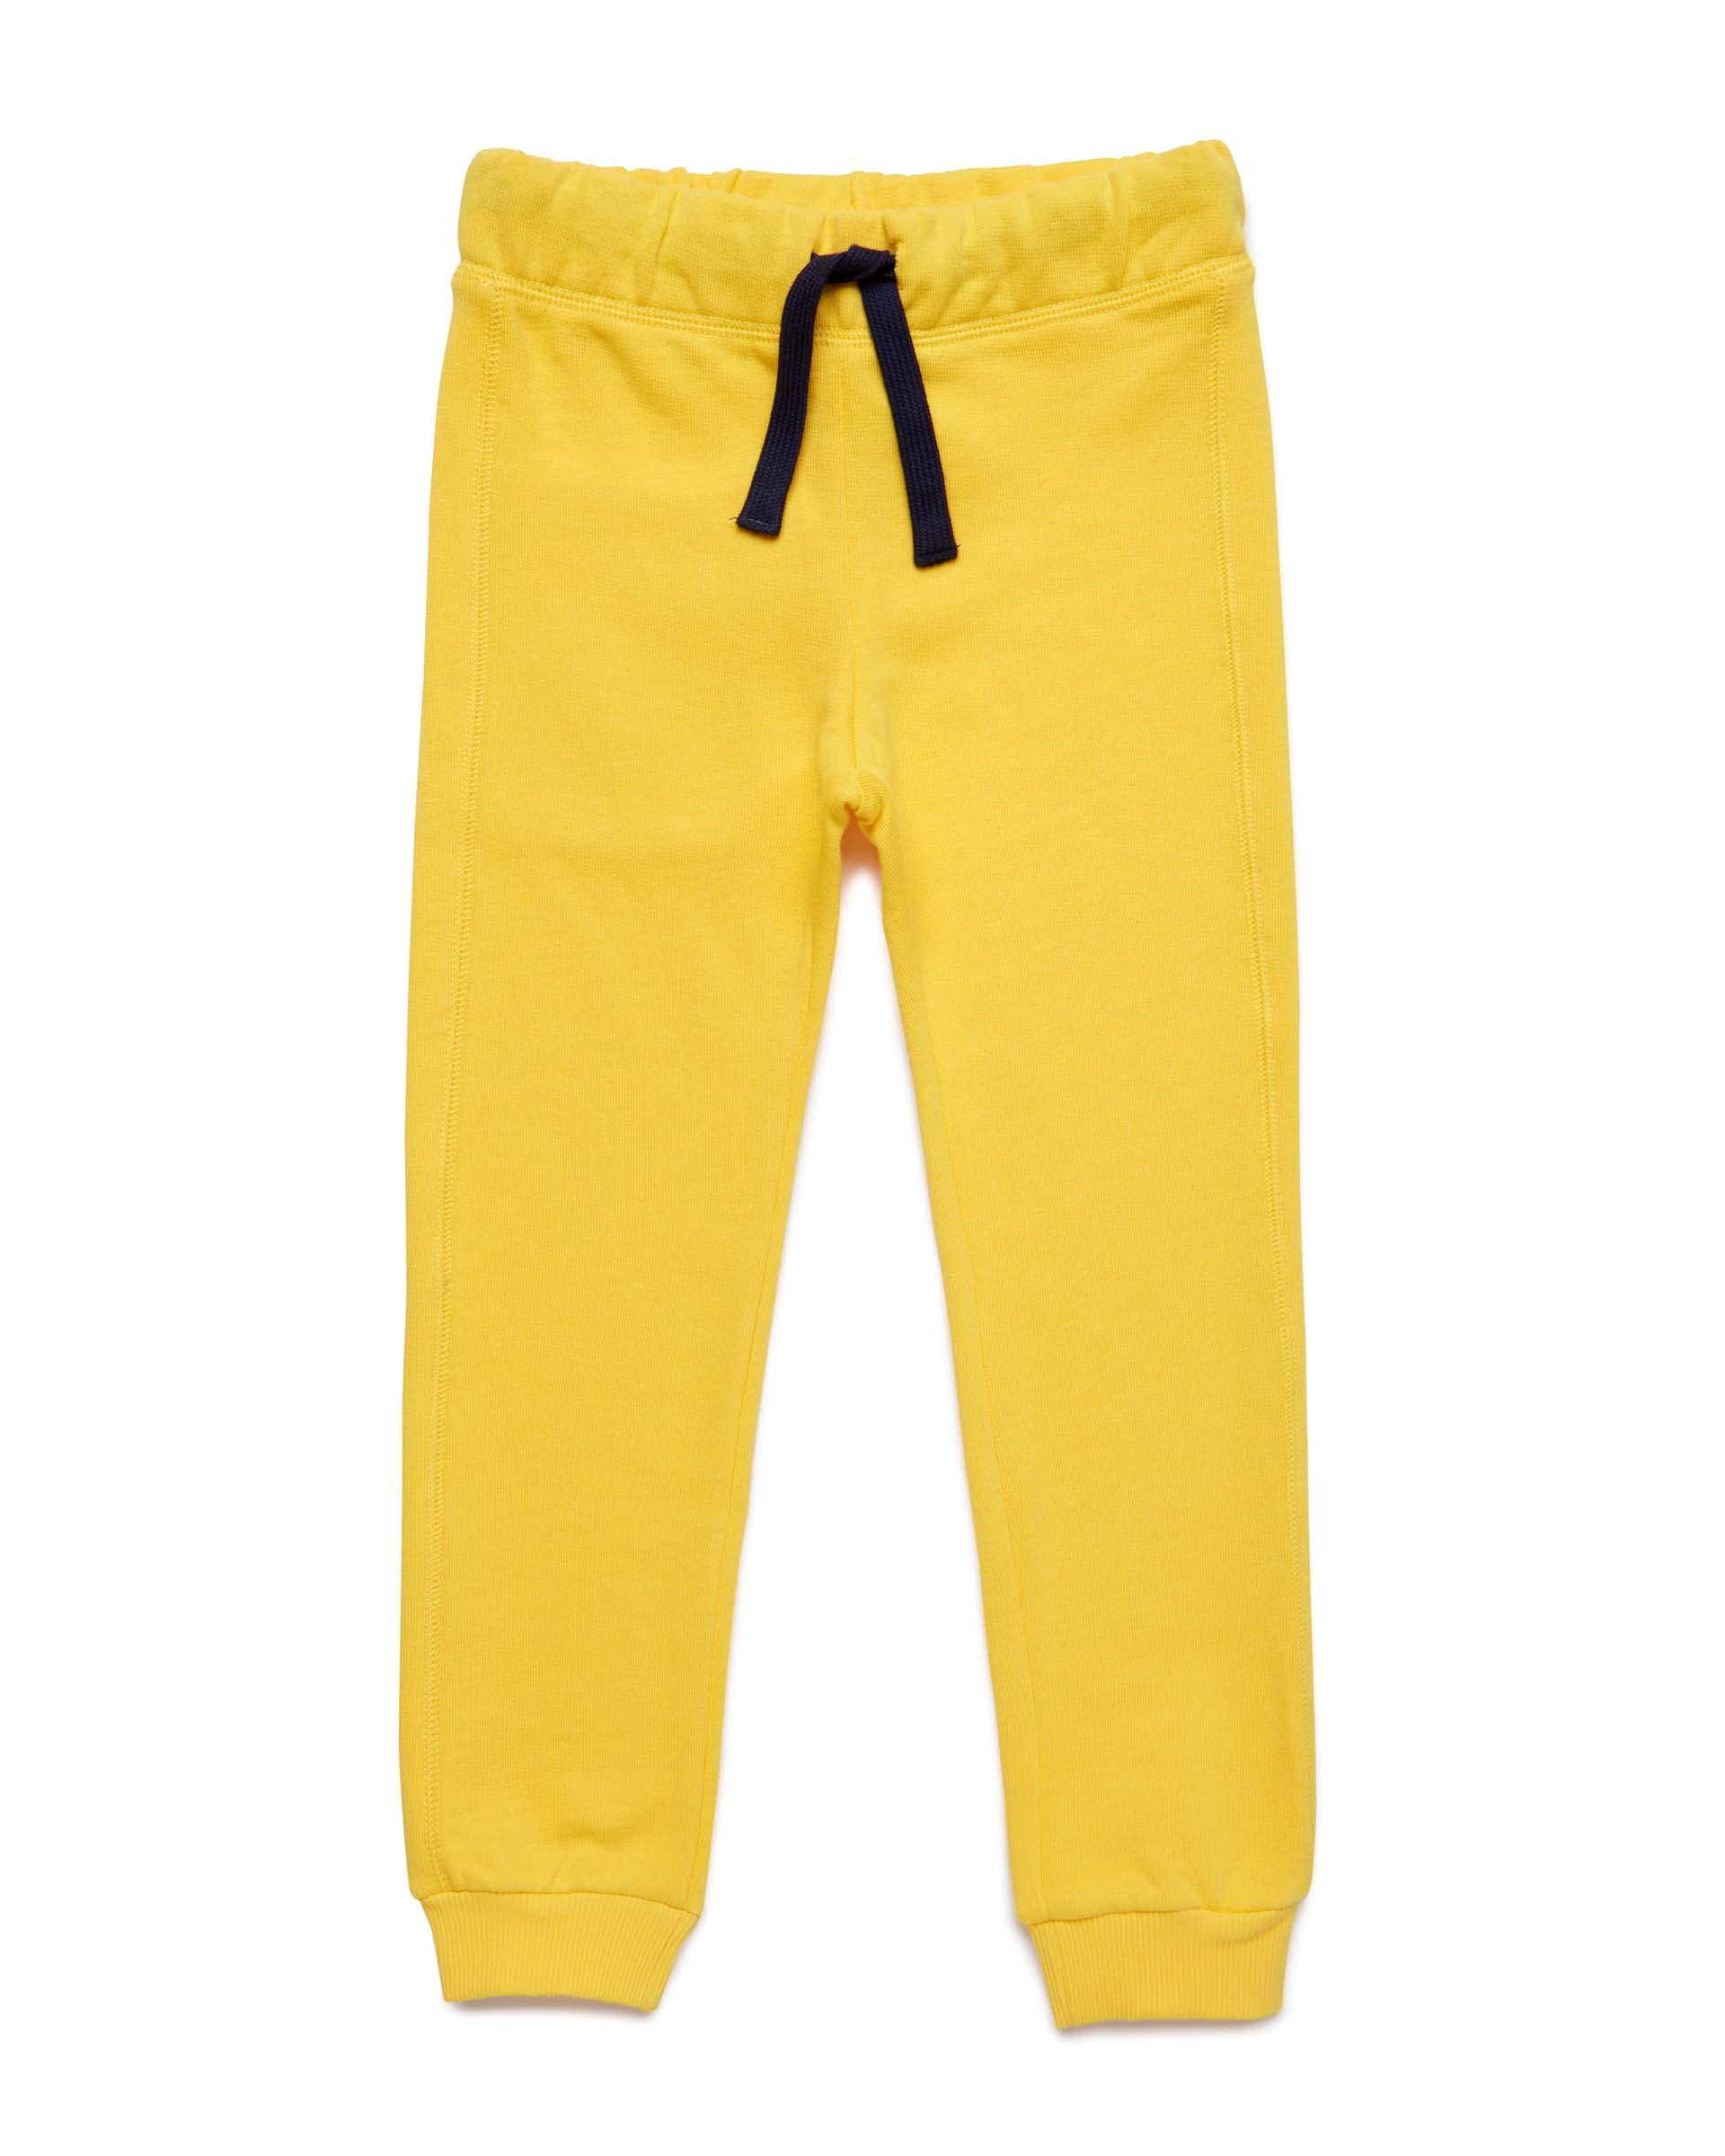 Купить 20P_3J68I0449_3N7, Спортивные брюки для мальчиков Benetton 3J68I0449_3N7 р-р 92, United Colors of Benetton, Шорты и брюки для новорожденных